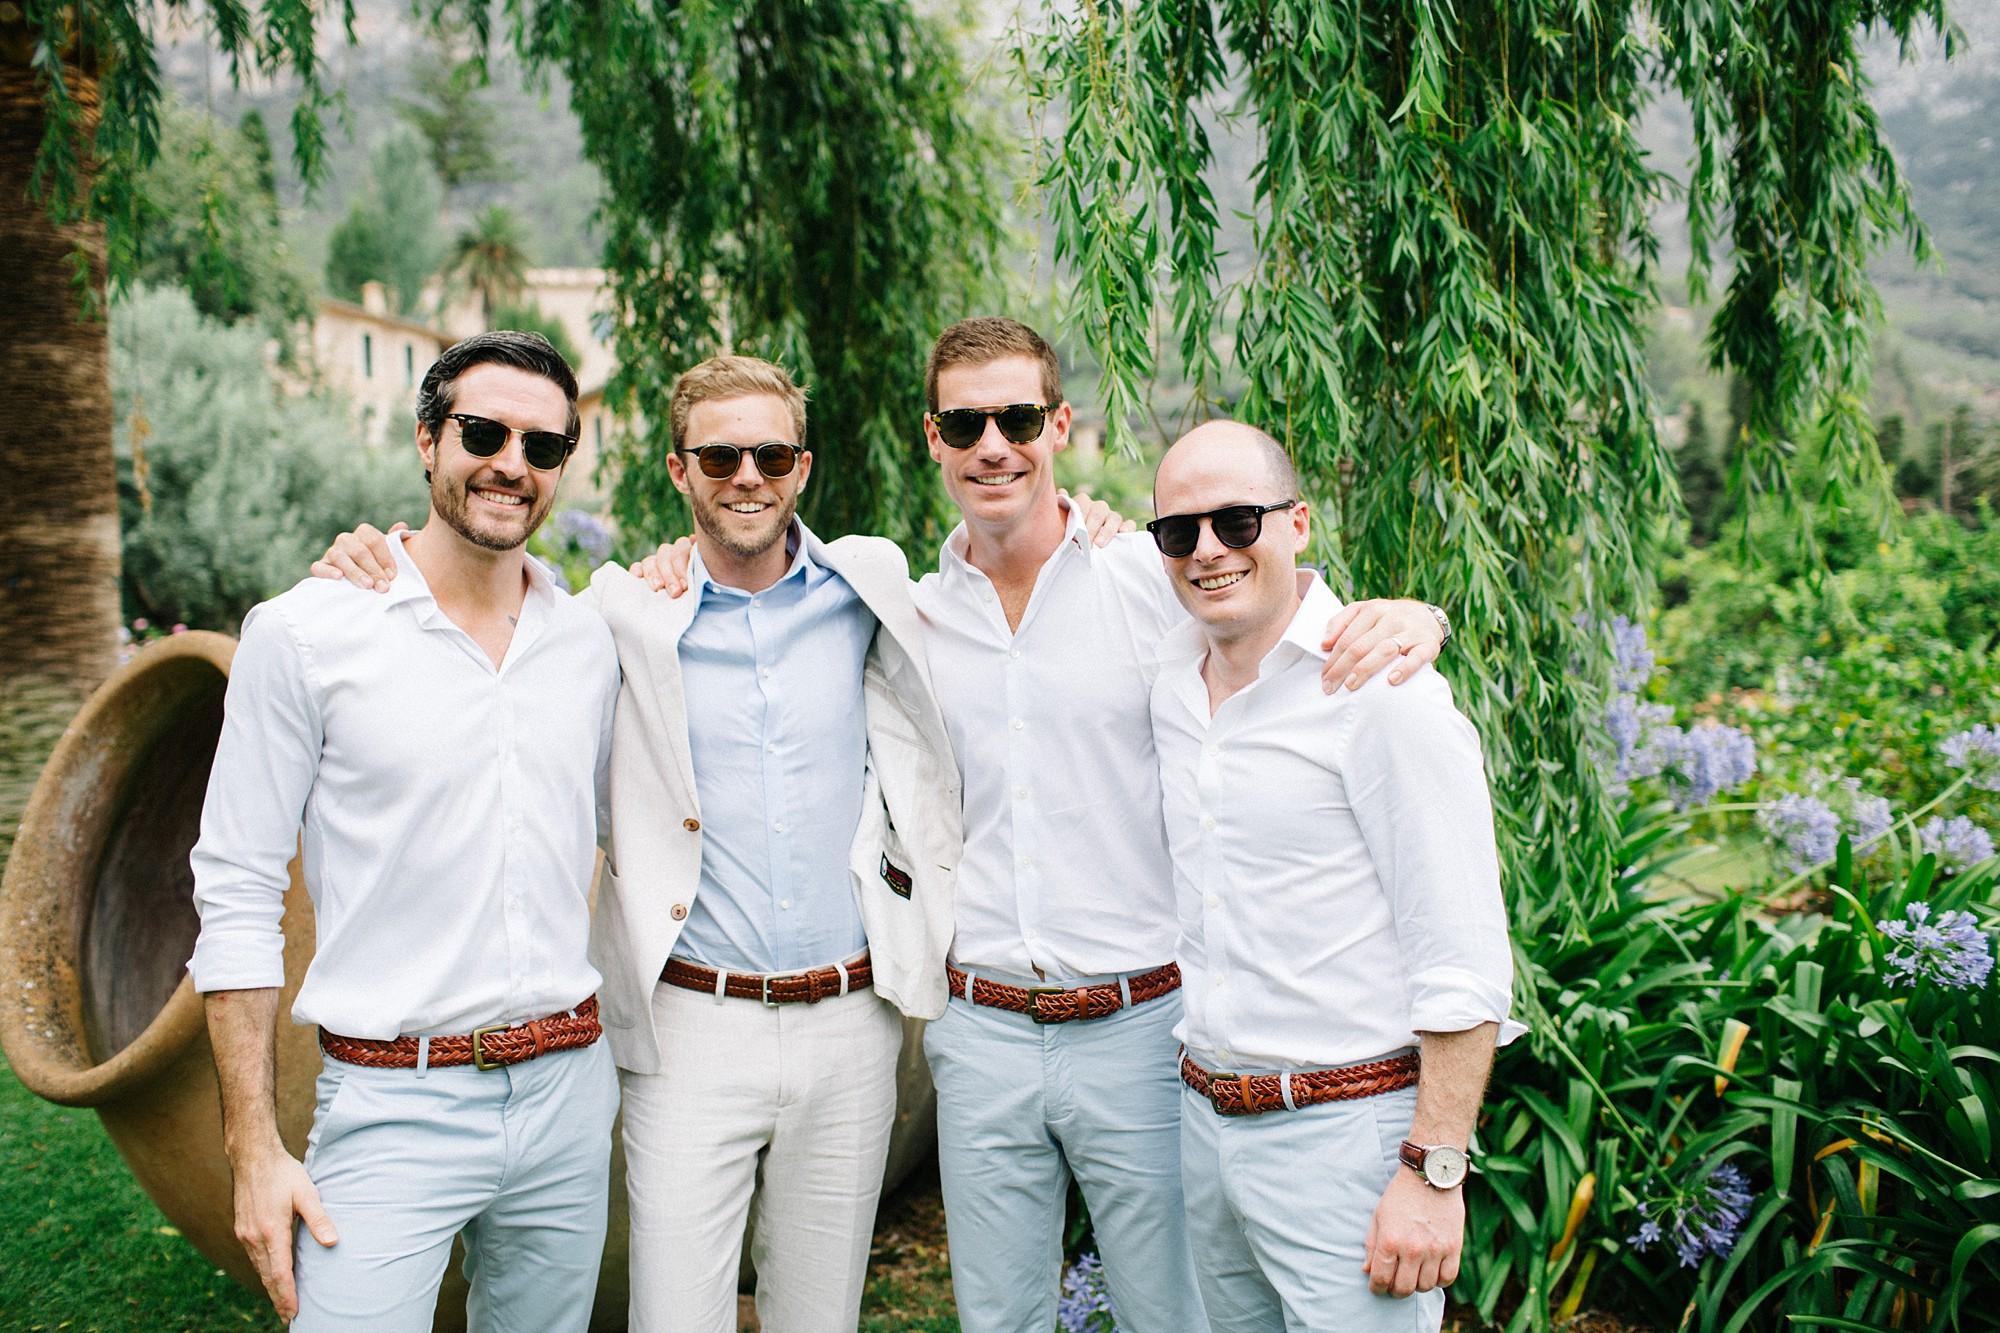 fotografos de boda en valencia barcelona mallorca wedding photographer110.jpg